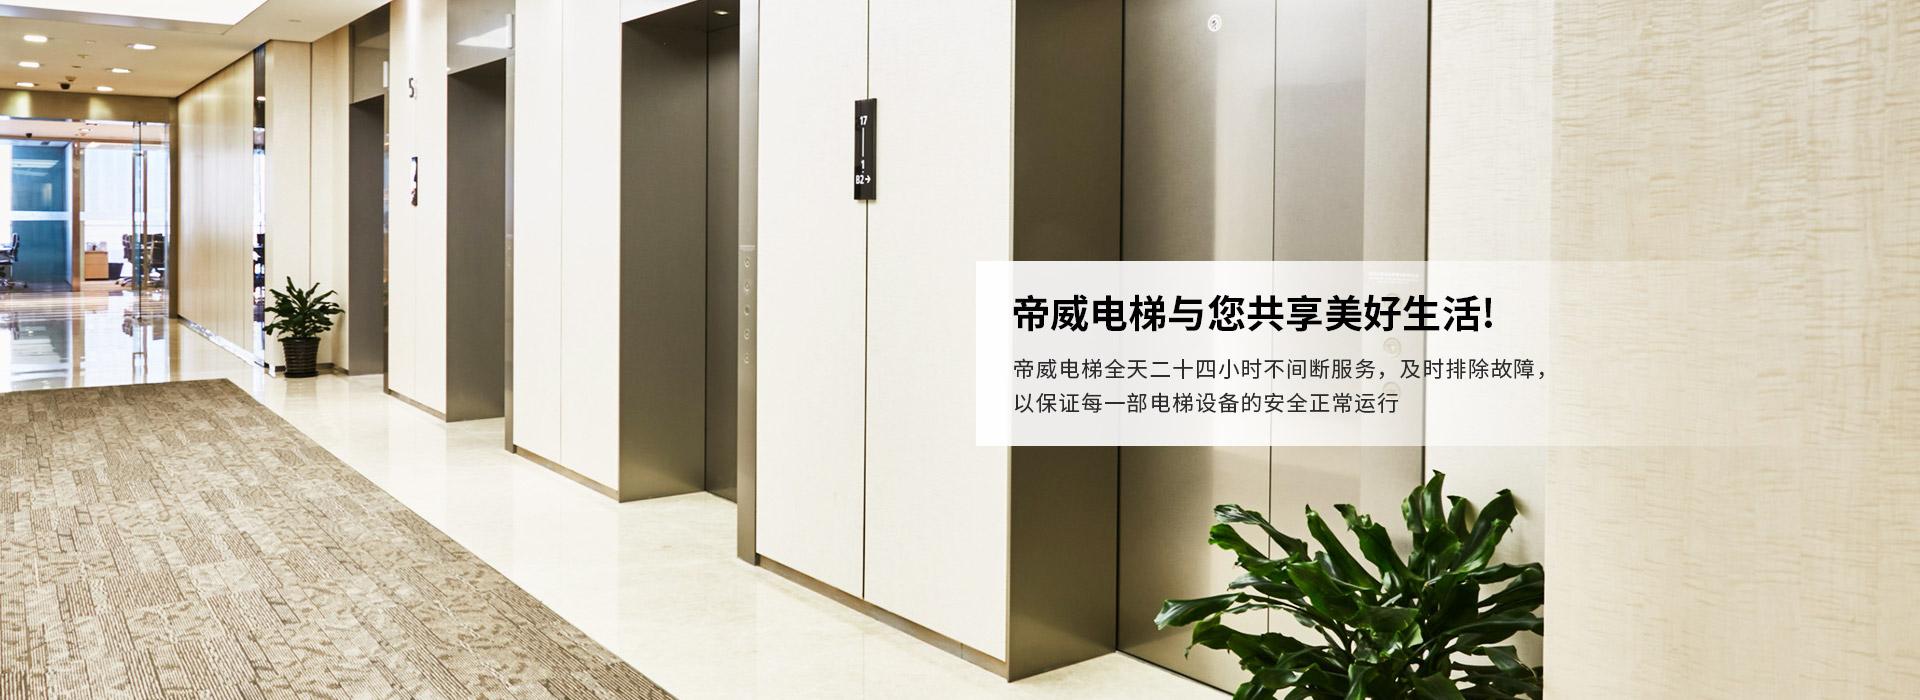 商用电梯维护